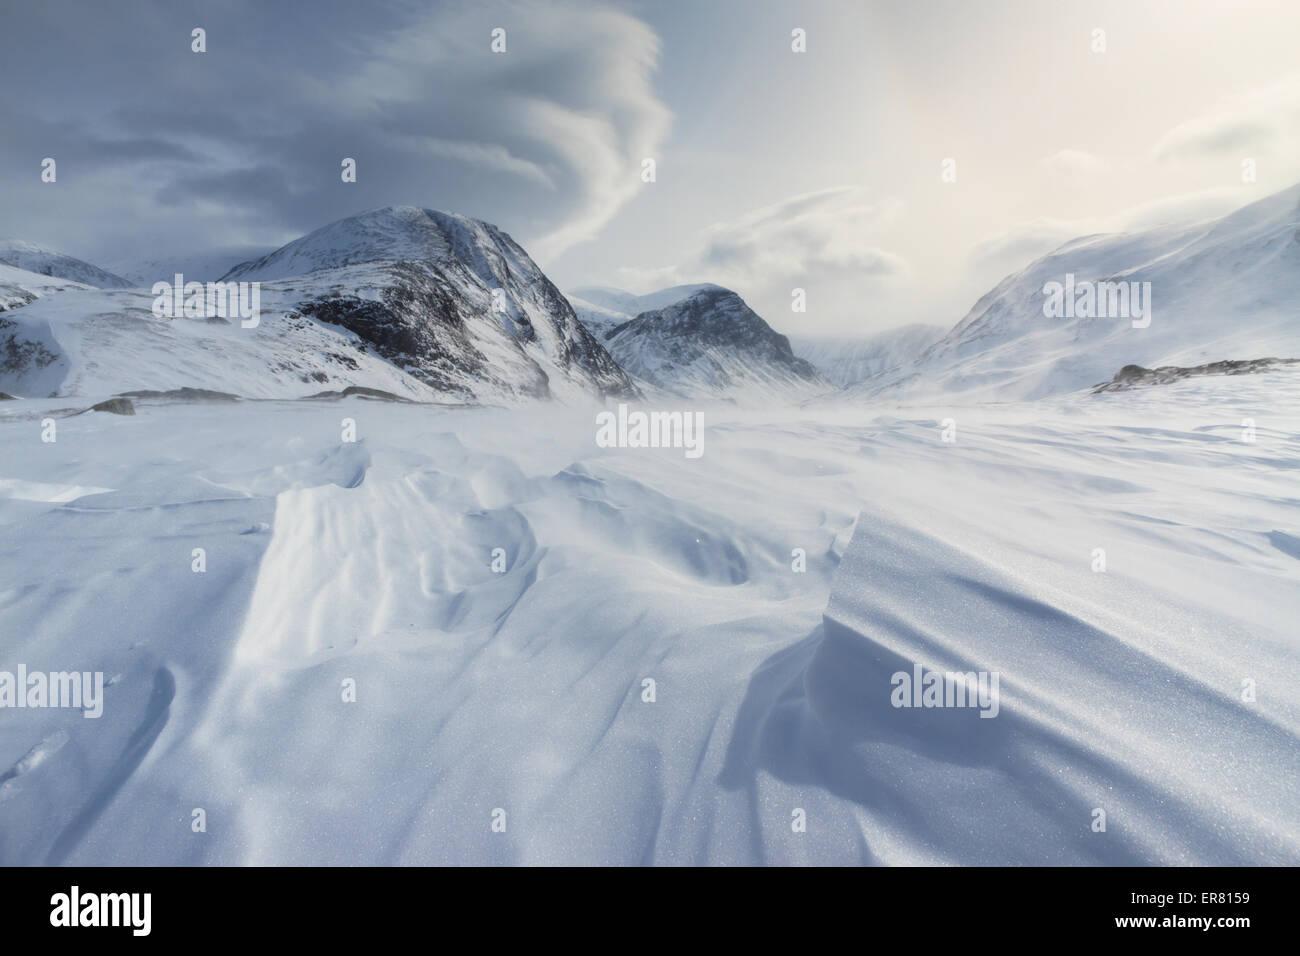 Los vientos que soplan sobre la nieve del Ártico en Suecia. Imagen De Stock